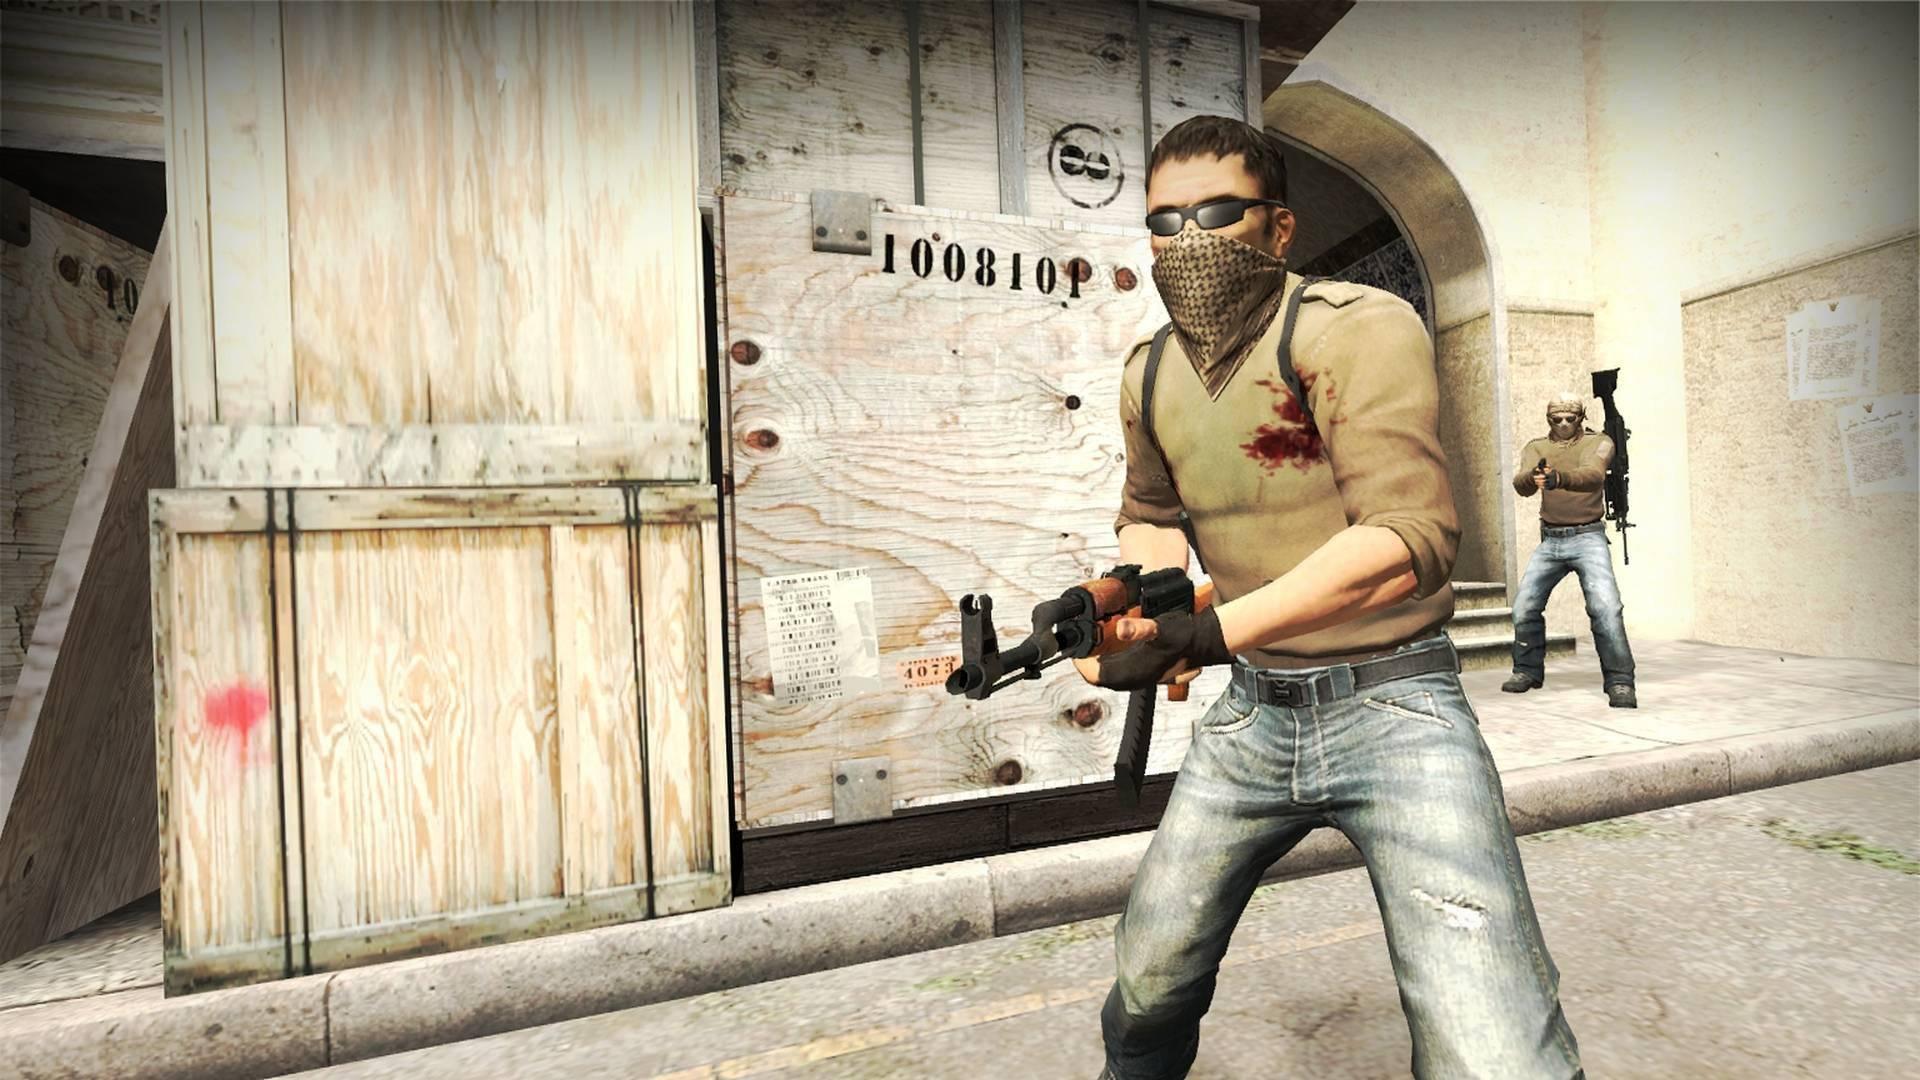 Valve協助開發Win 11功能 顯著降低網絡游戲延遲